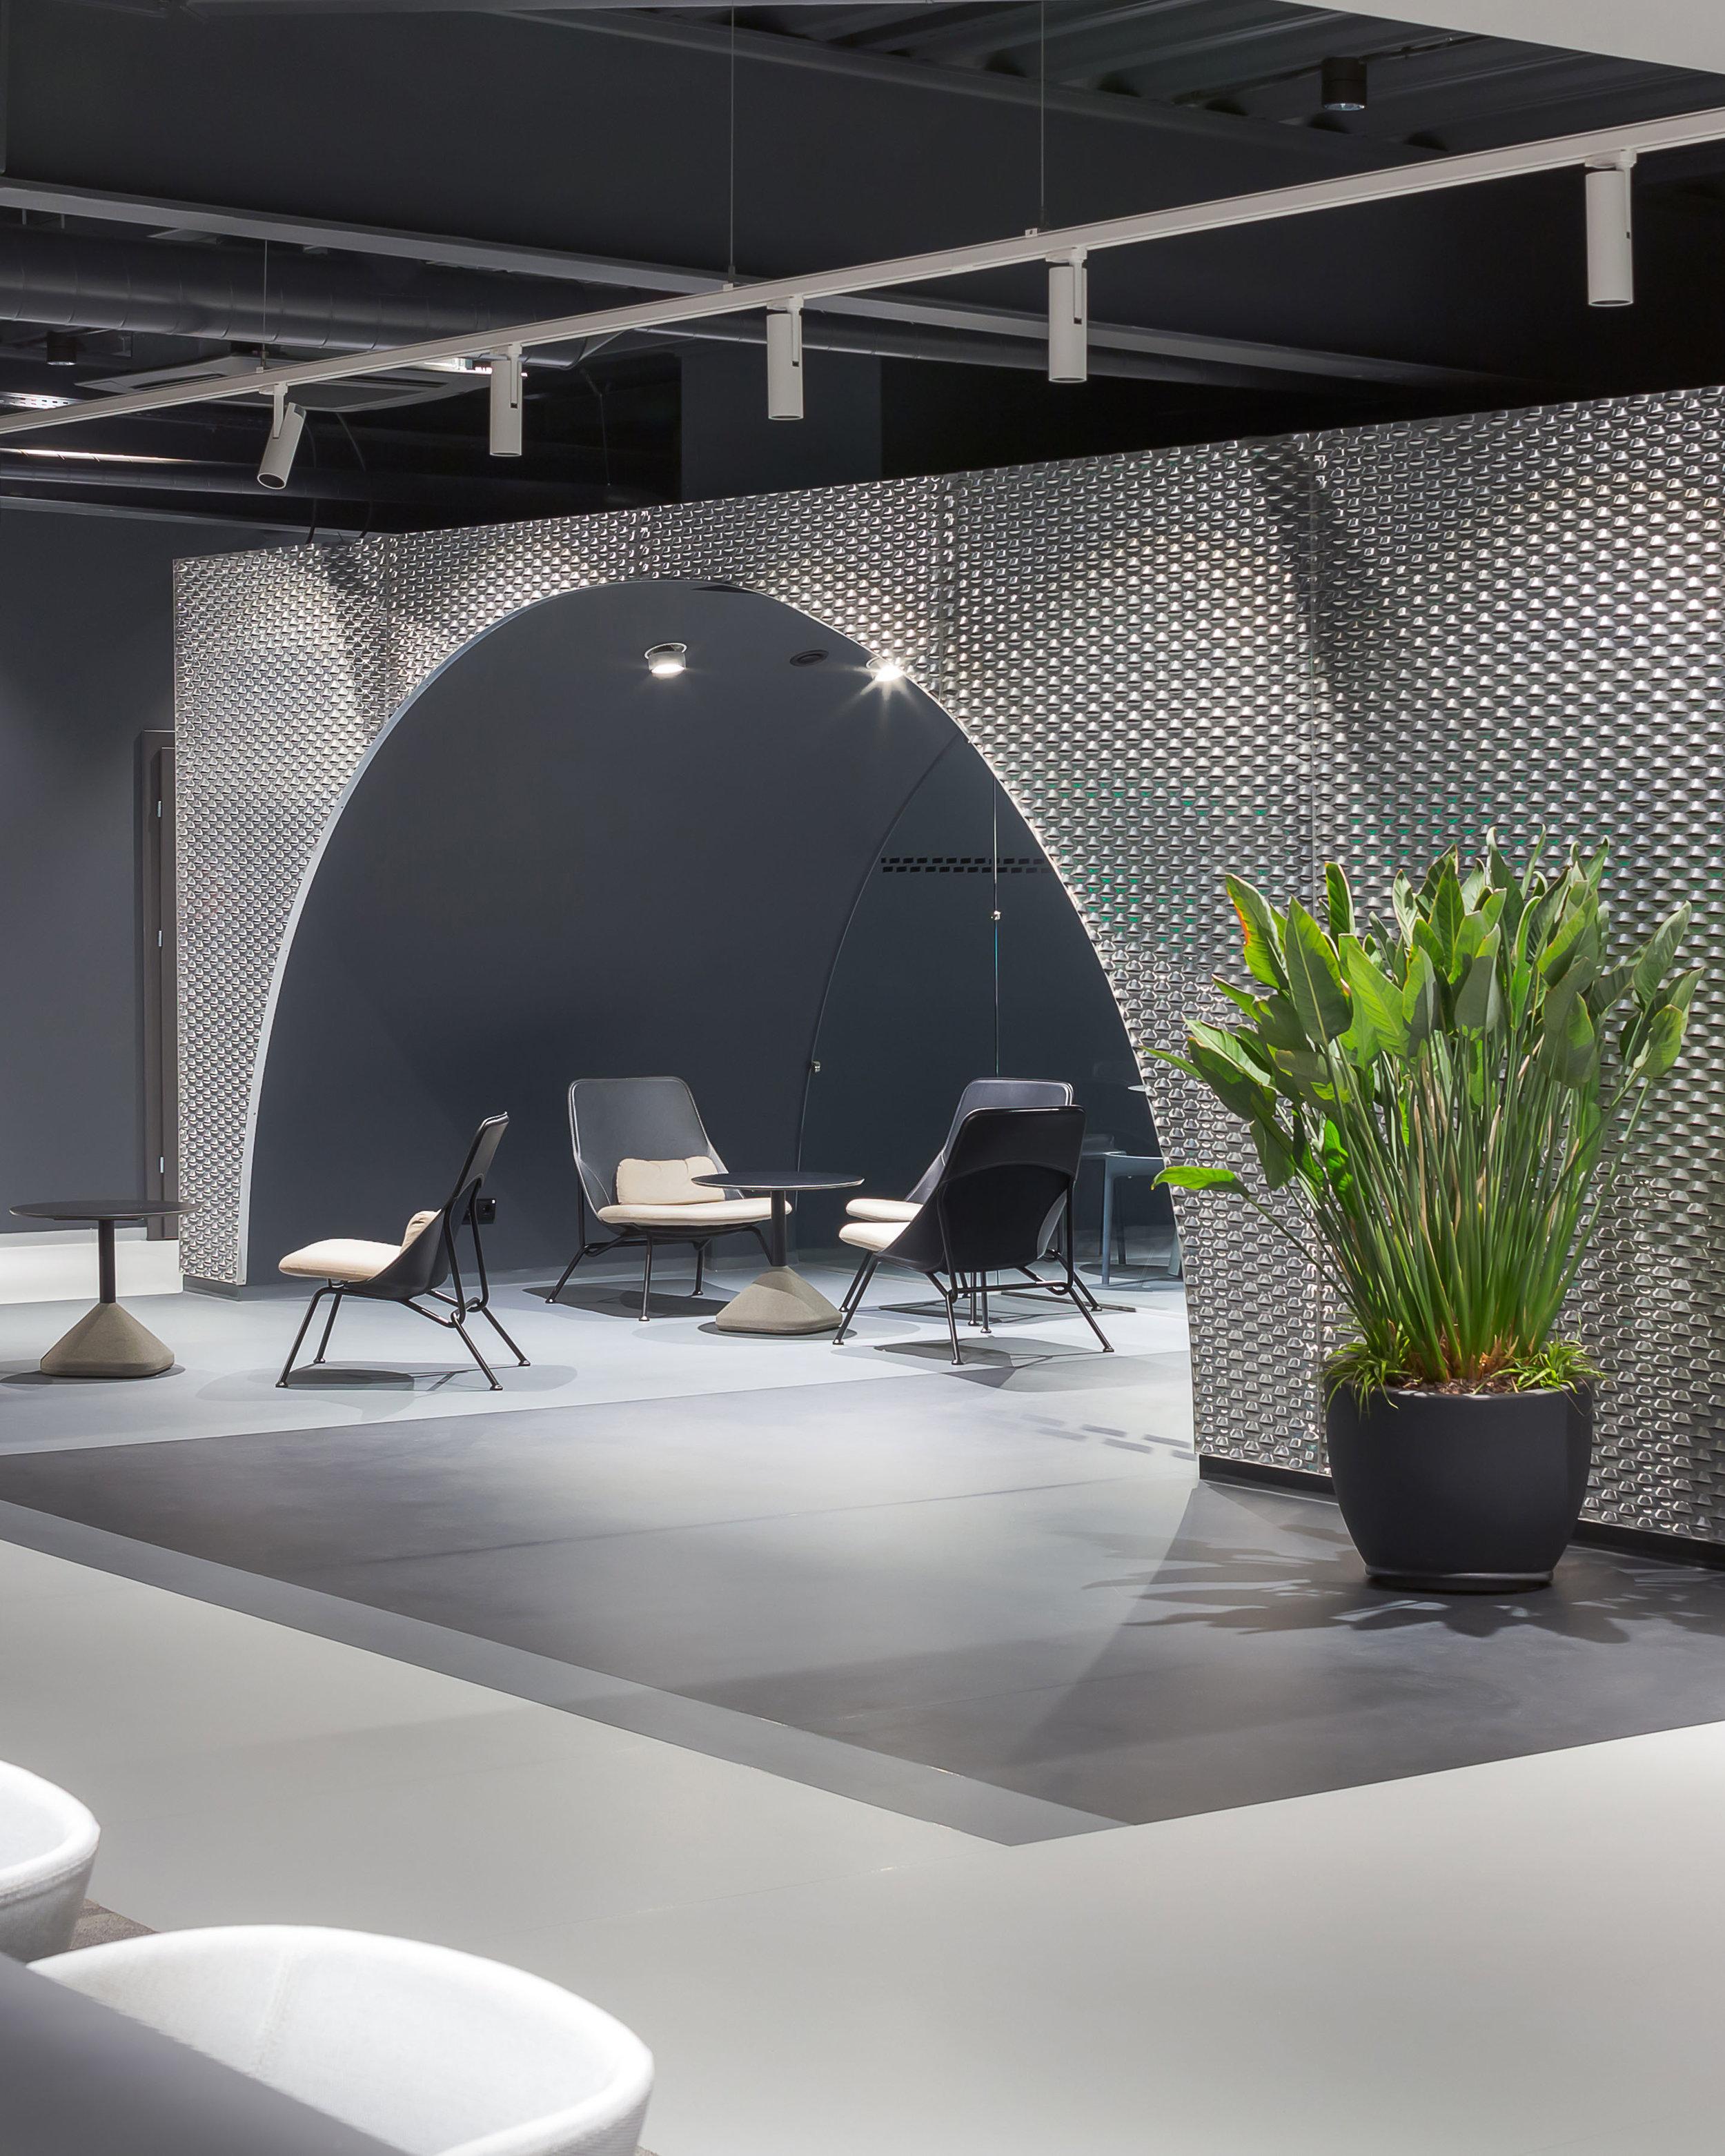 - Location - KlaipedaSize - 6000 m²Year - 2019Status - completedTeam - J.Lapinskas, P.Latakas, R. Jasaite, R. Giedrys, (interior design - Z. Putrimaite, D. Ramanovskij).